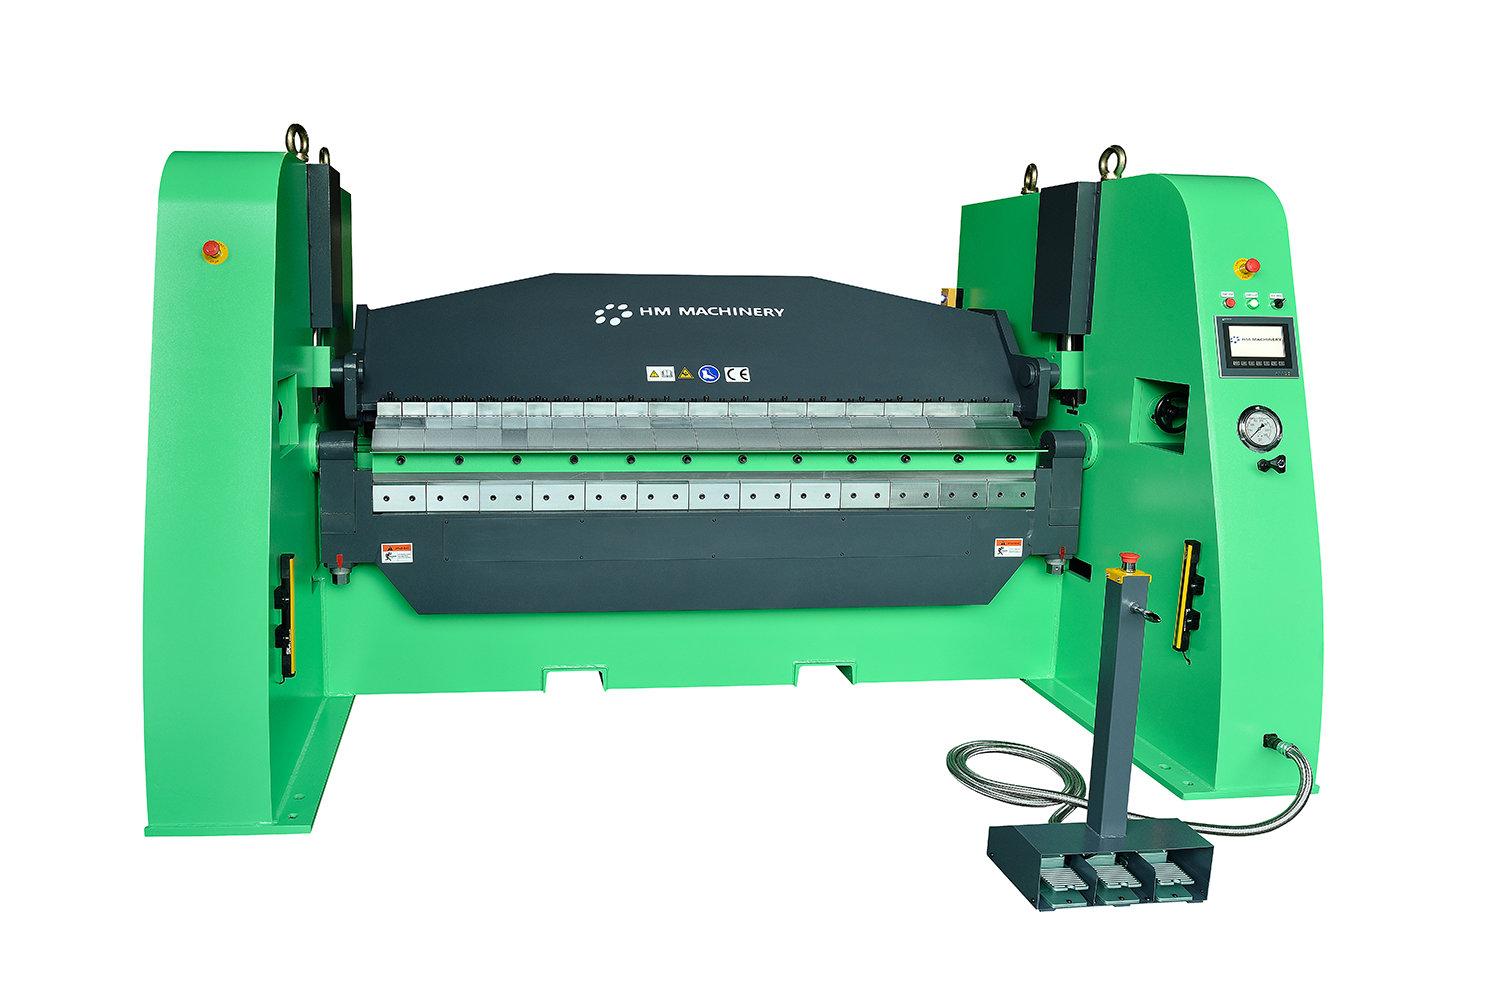 Hydrauliczna zaginarka do blachy Scantool - HM Machinery  2000-45S - długość robocza 2035 x 4,50mm